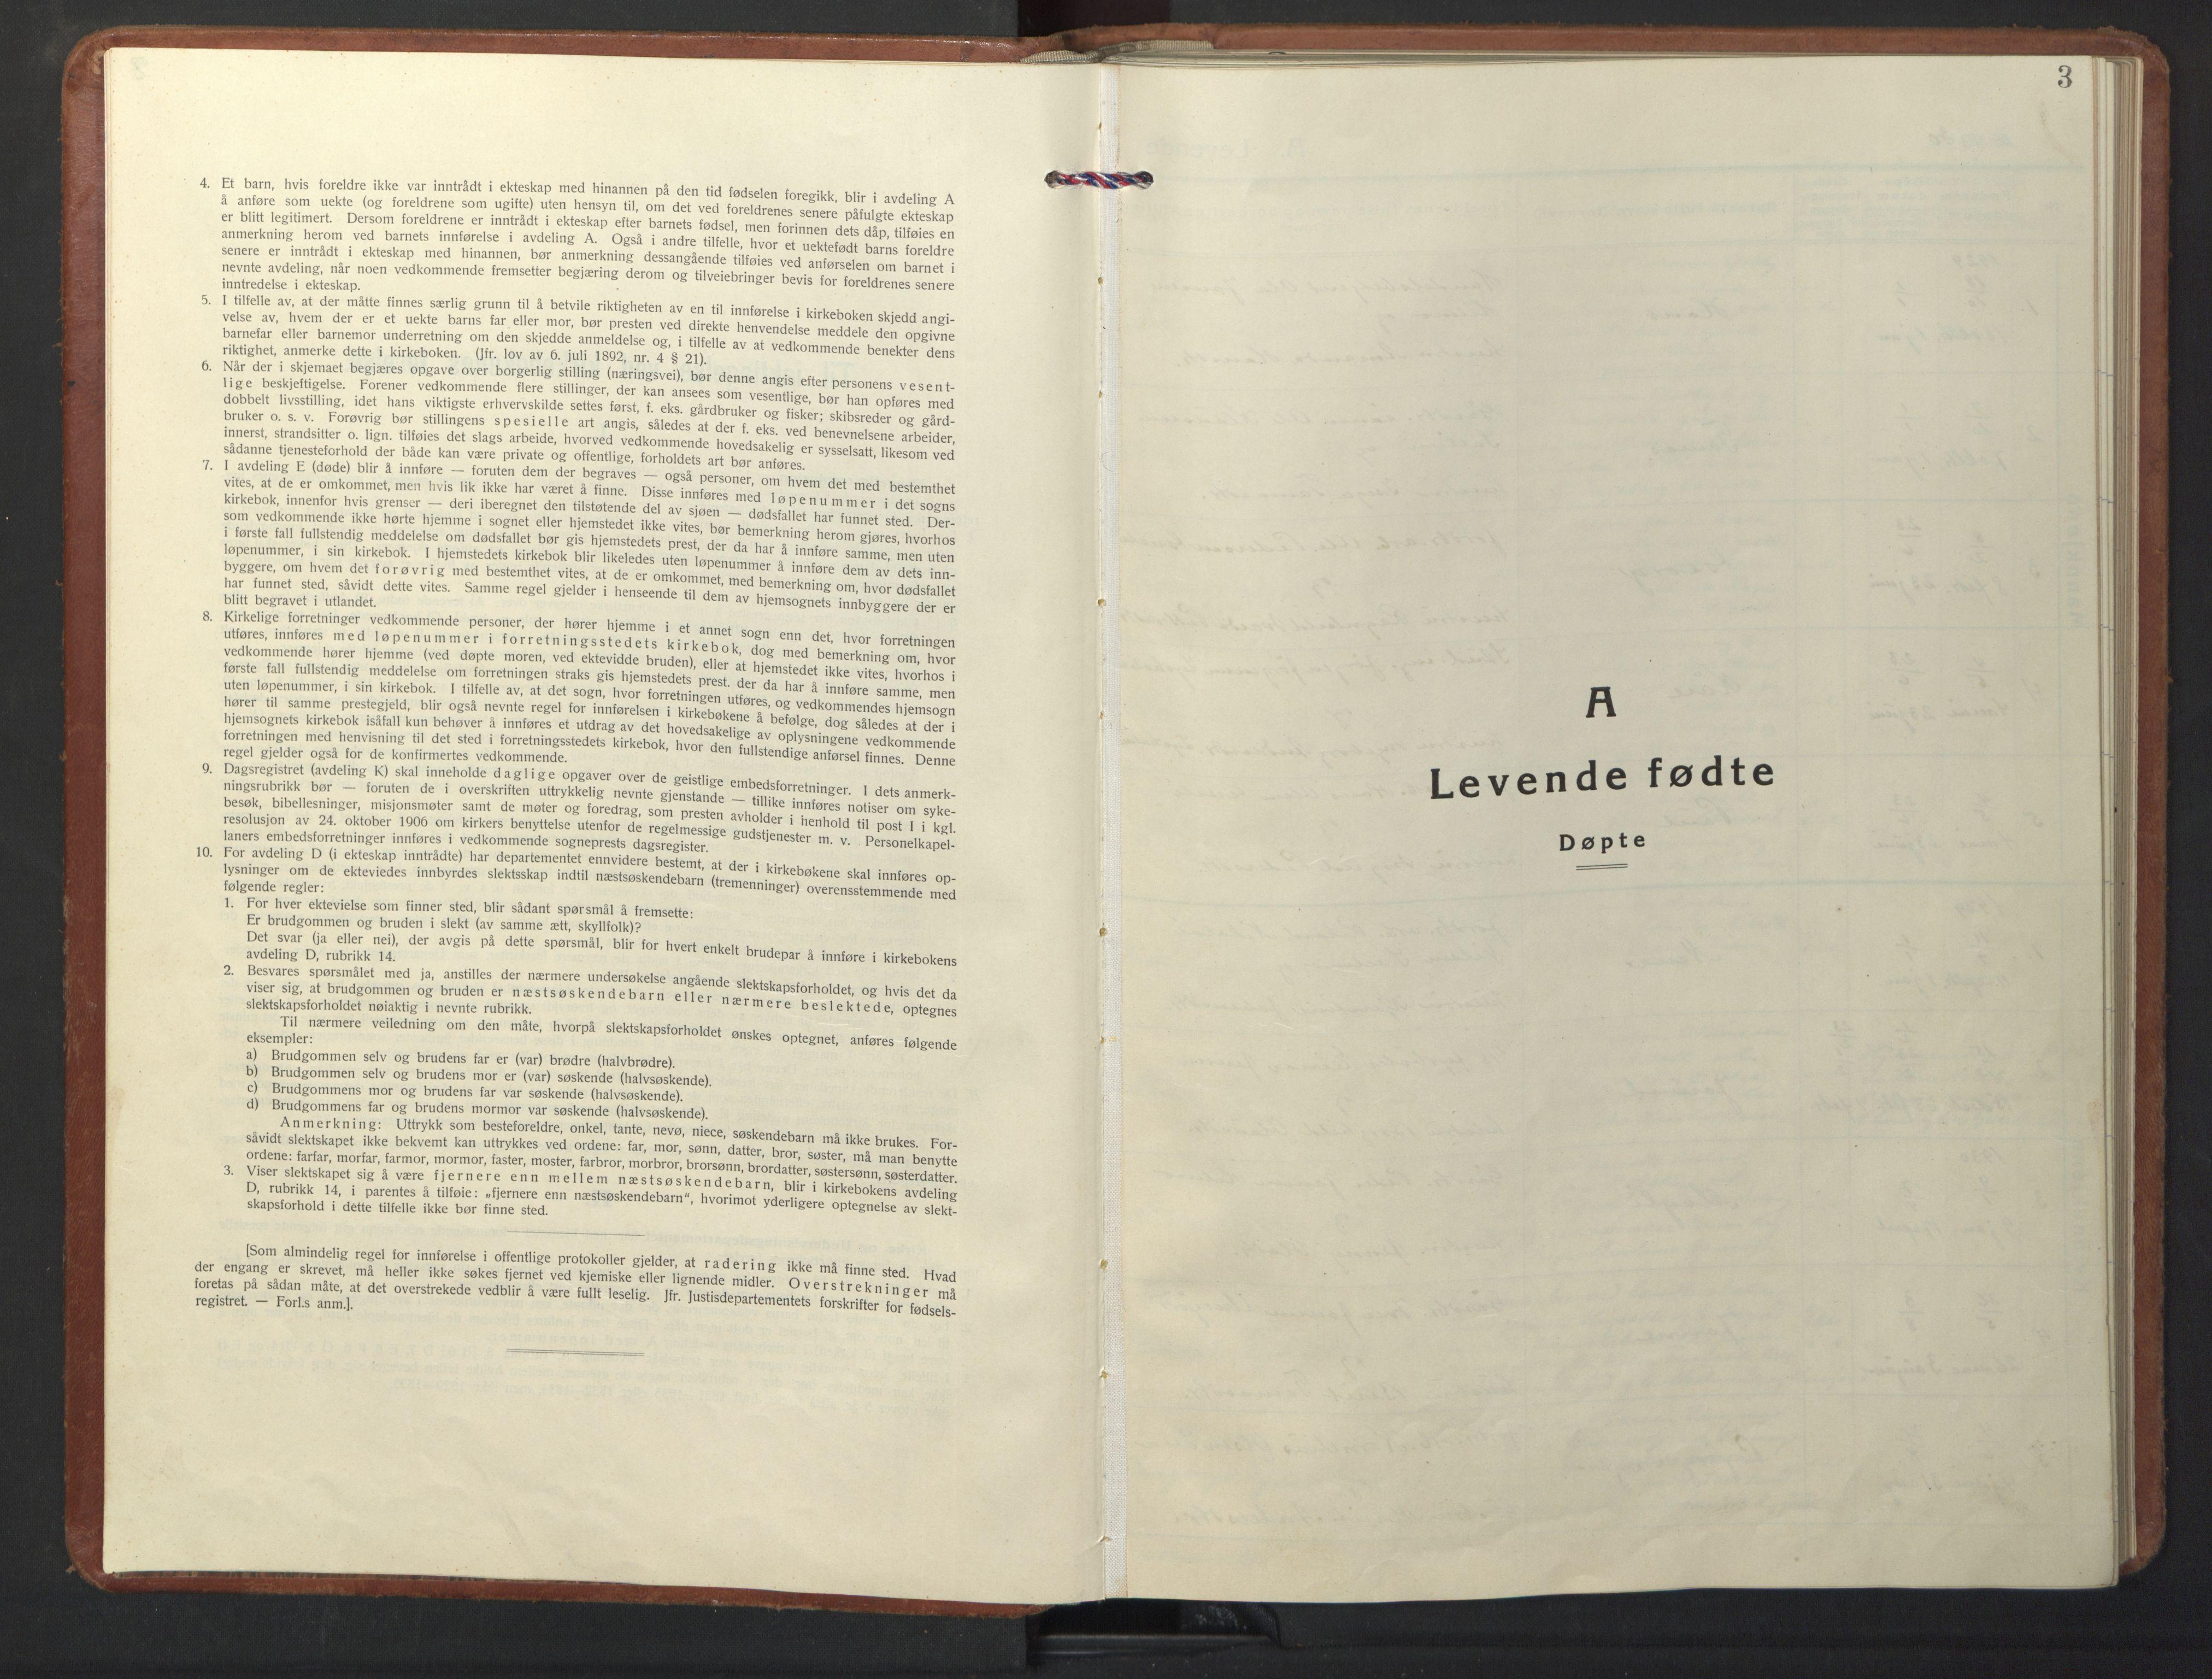 SAT, Ministerialprotokoller, klokkerbøker og fødselsregistre - Sør-Trøndelag, 698/L1169: Klokkerbok nr. 698C06, 1930-1949, s. 3